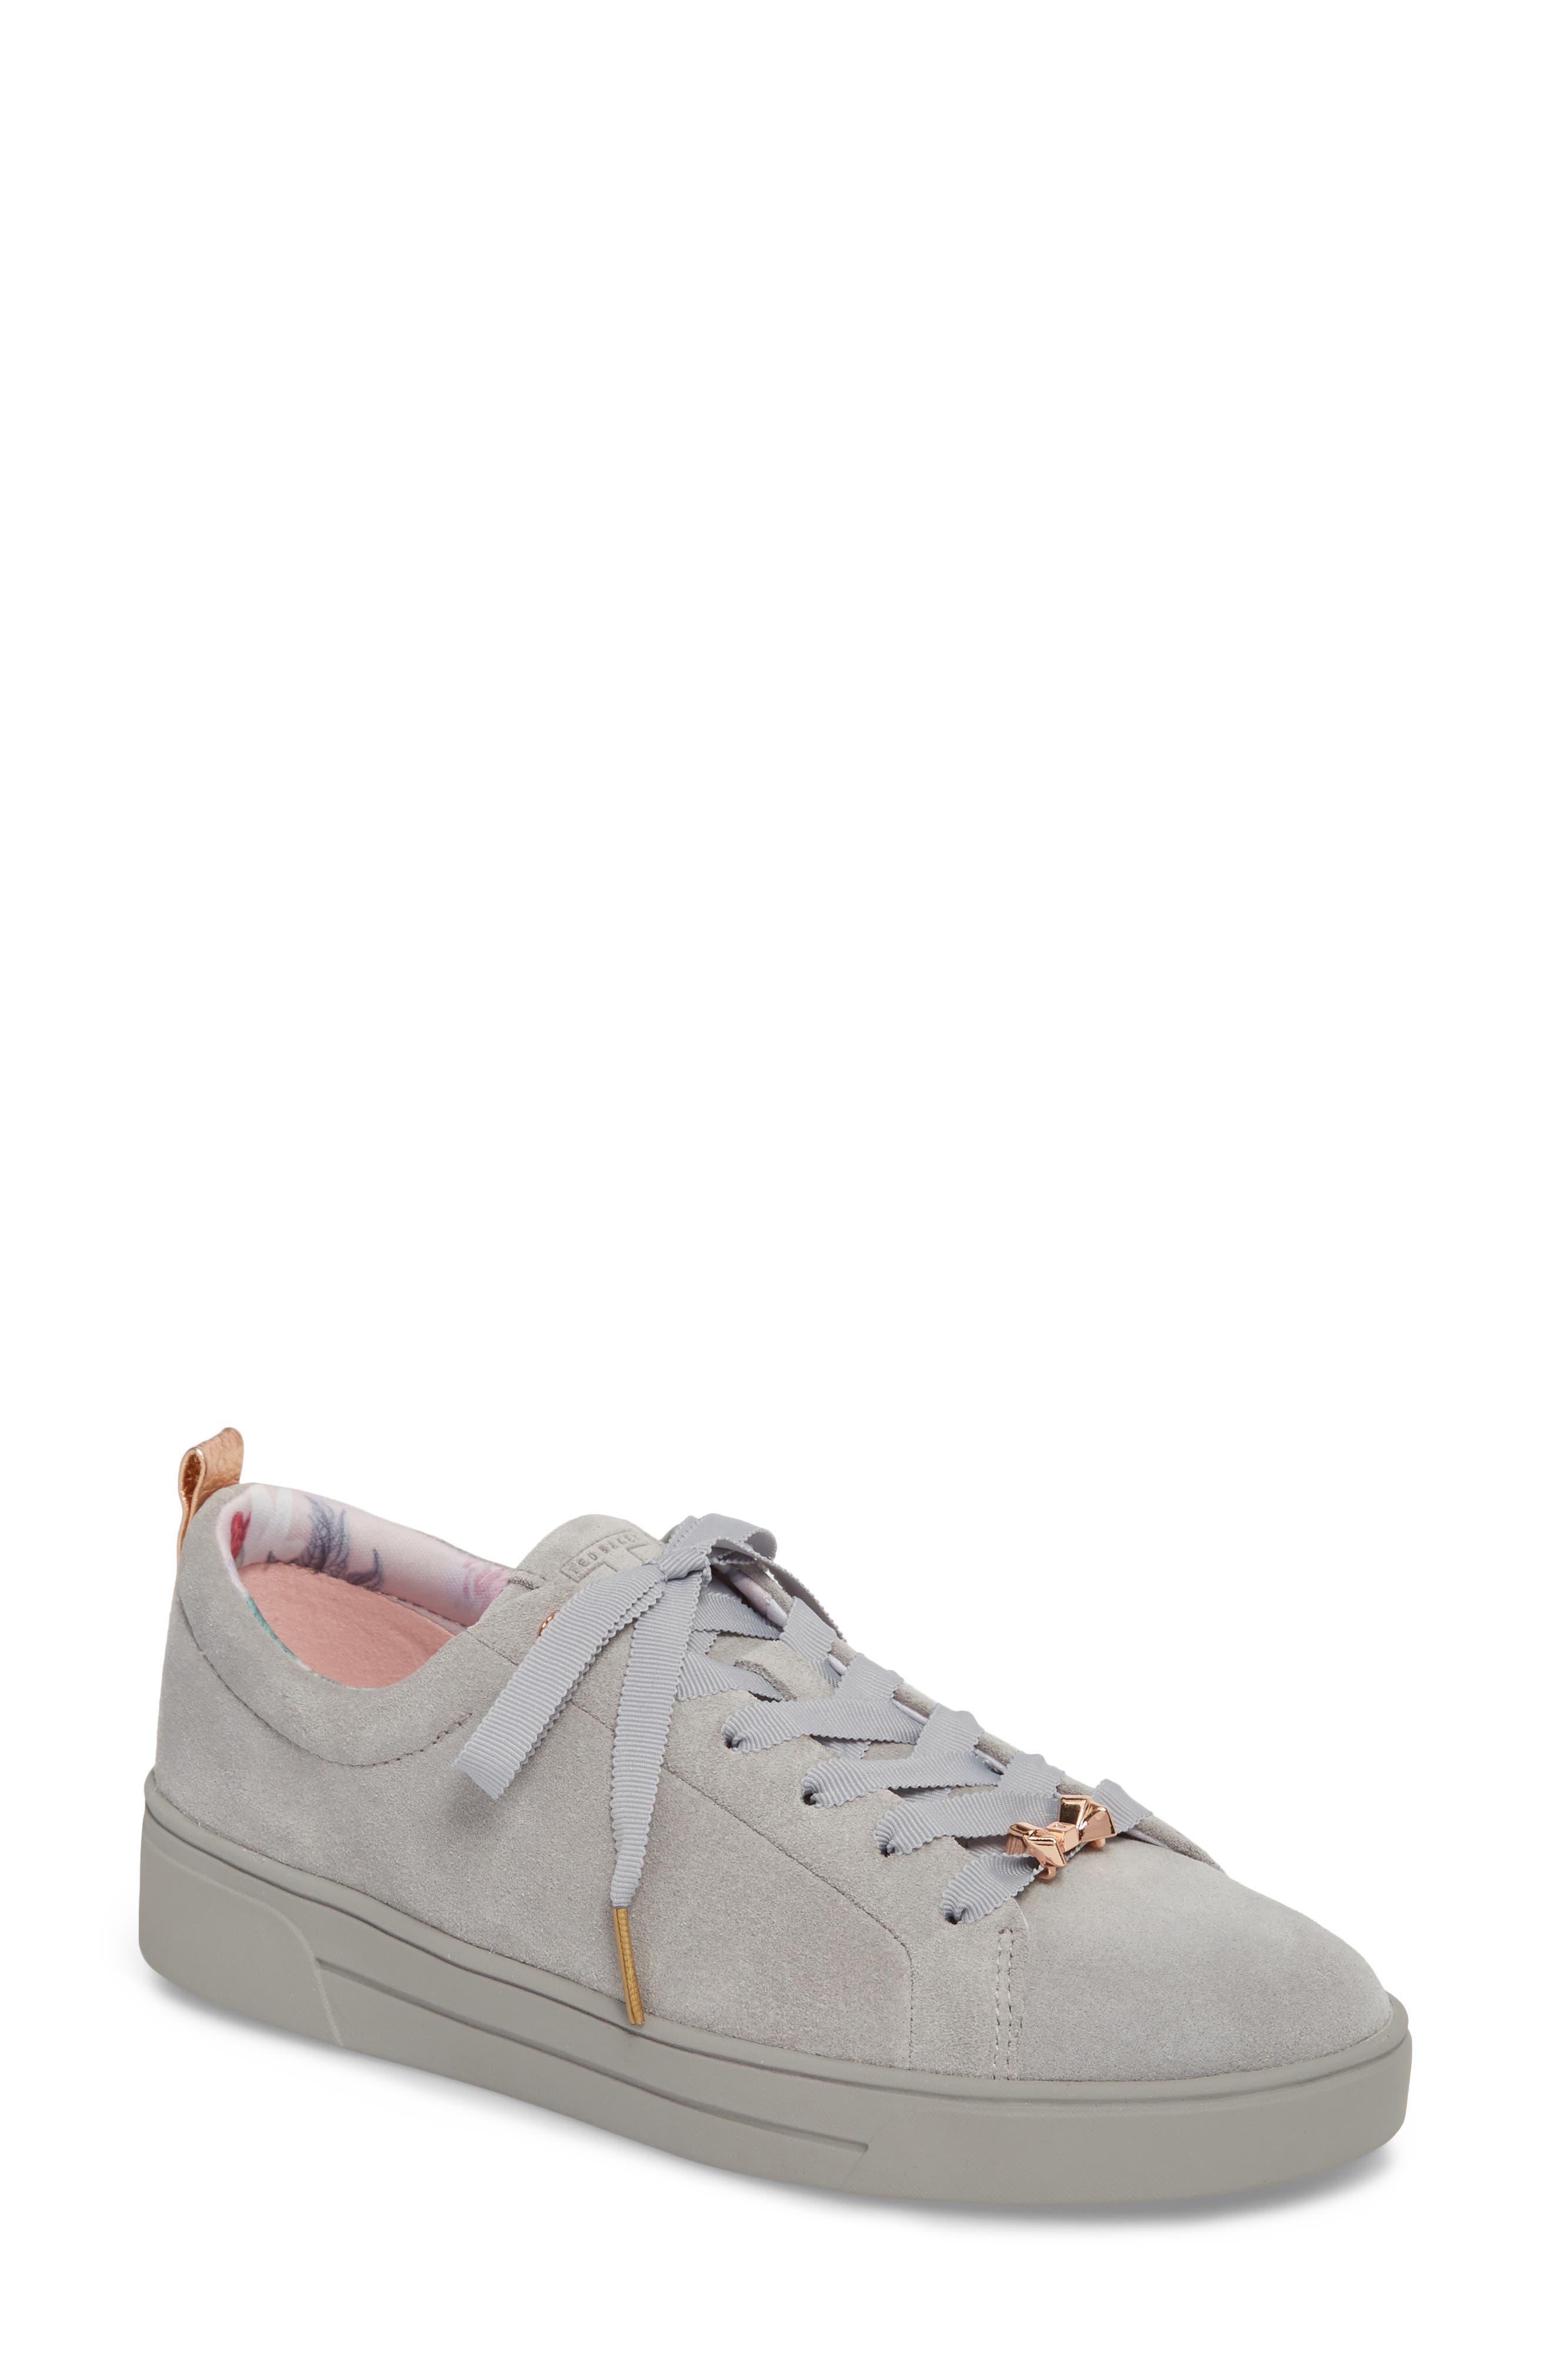 Kelleis Sneaker,                         Main,                         color, LIGHT GREY SUEDE